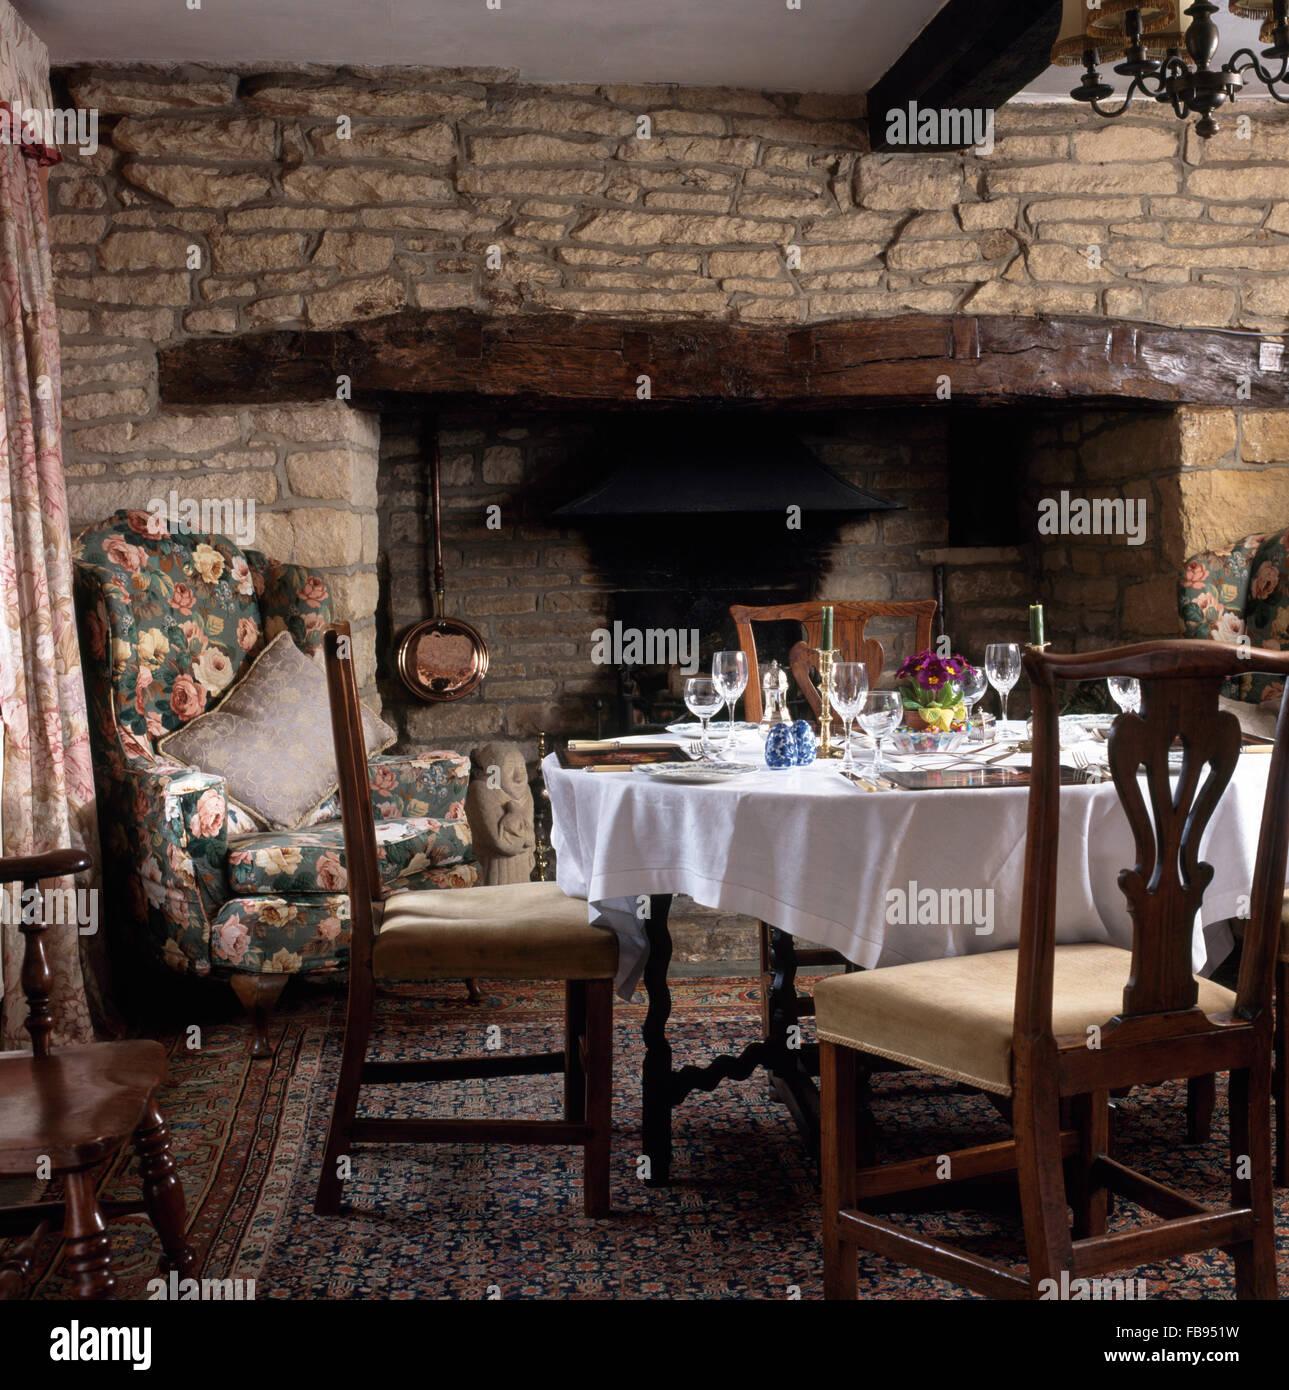 Chaises Vintage à Table Avec Un Linge Blanc Fixé Pour Le Déjeuner Devant  Cheminée Inglenook Cottage Salle à Manger